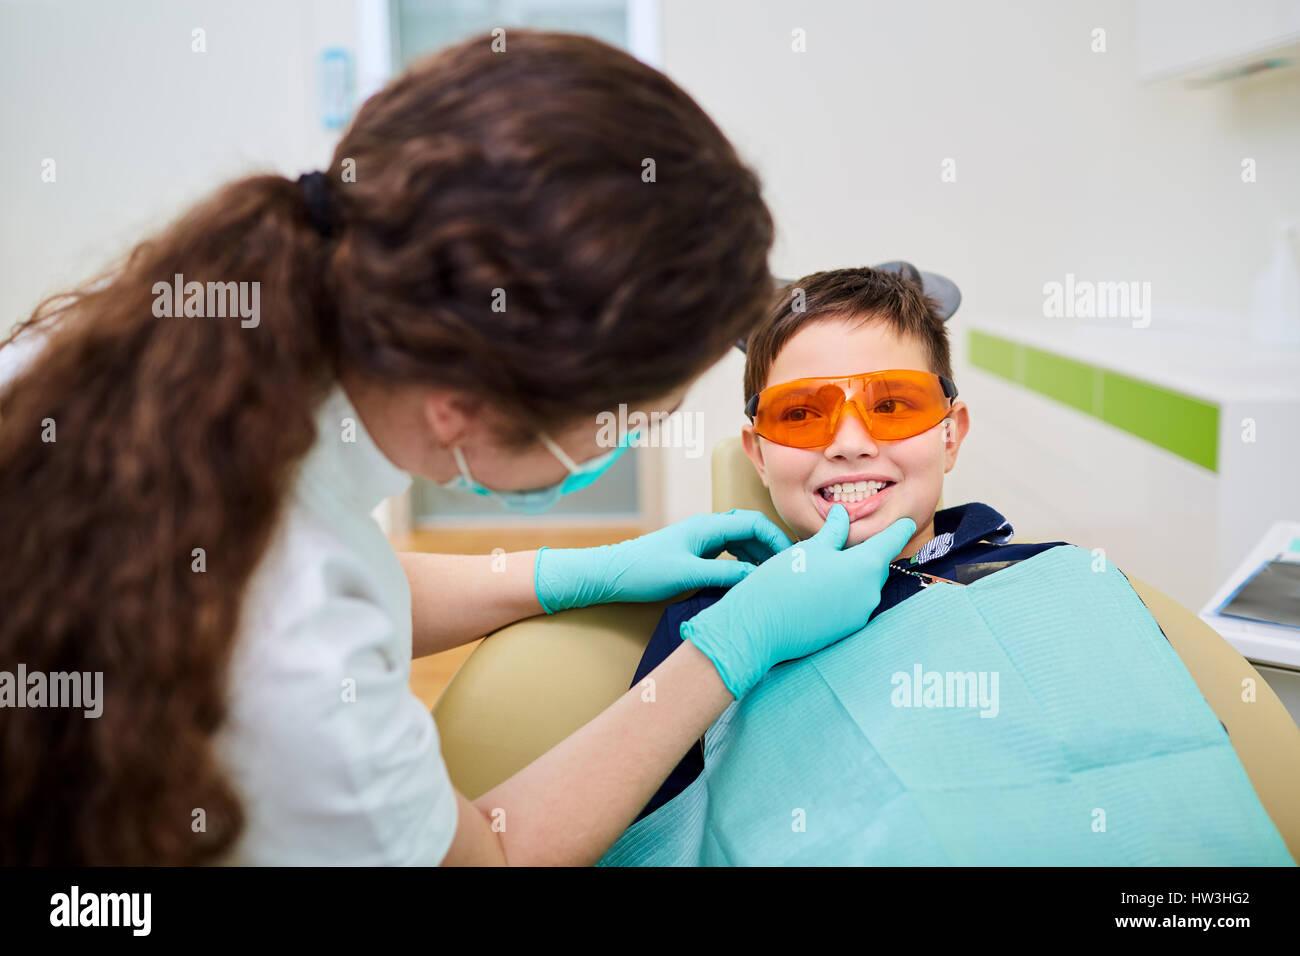 Un bambino kid a un dentista ricezione in studio dentistico Immagini Stock